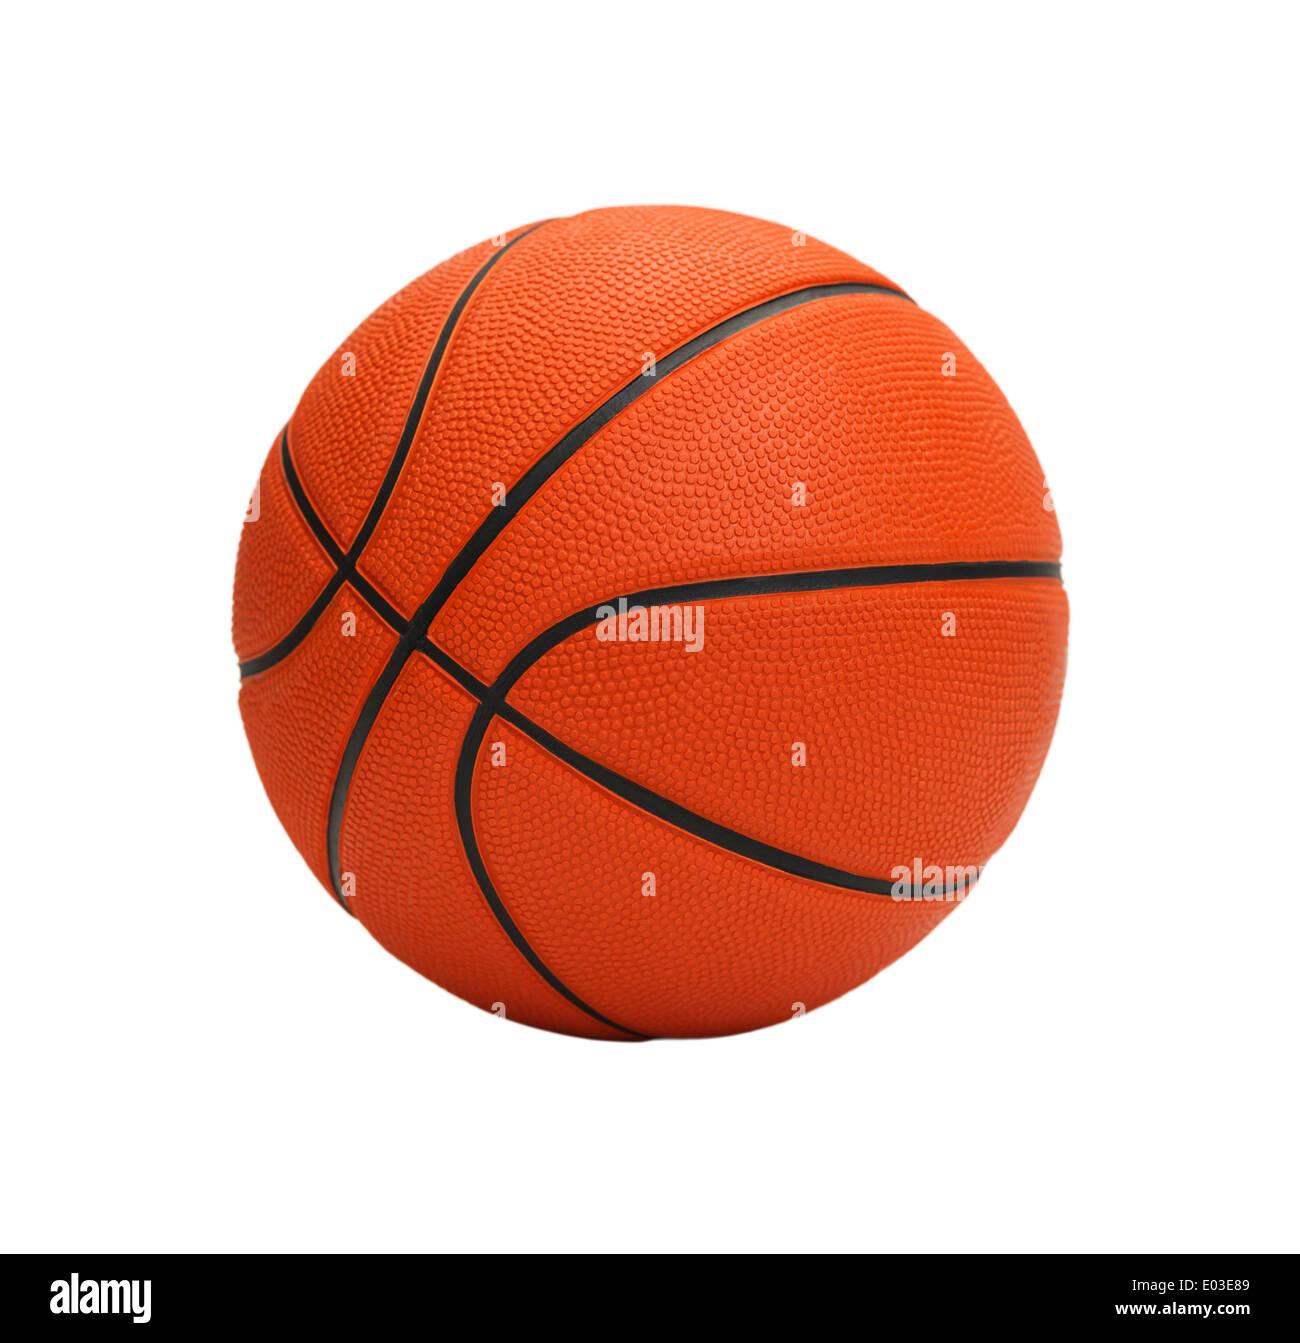 Orange Basketball Isolated on White Background. Stock Photo